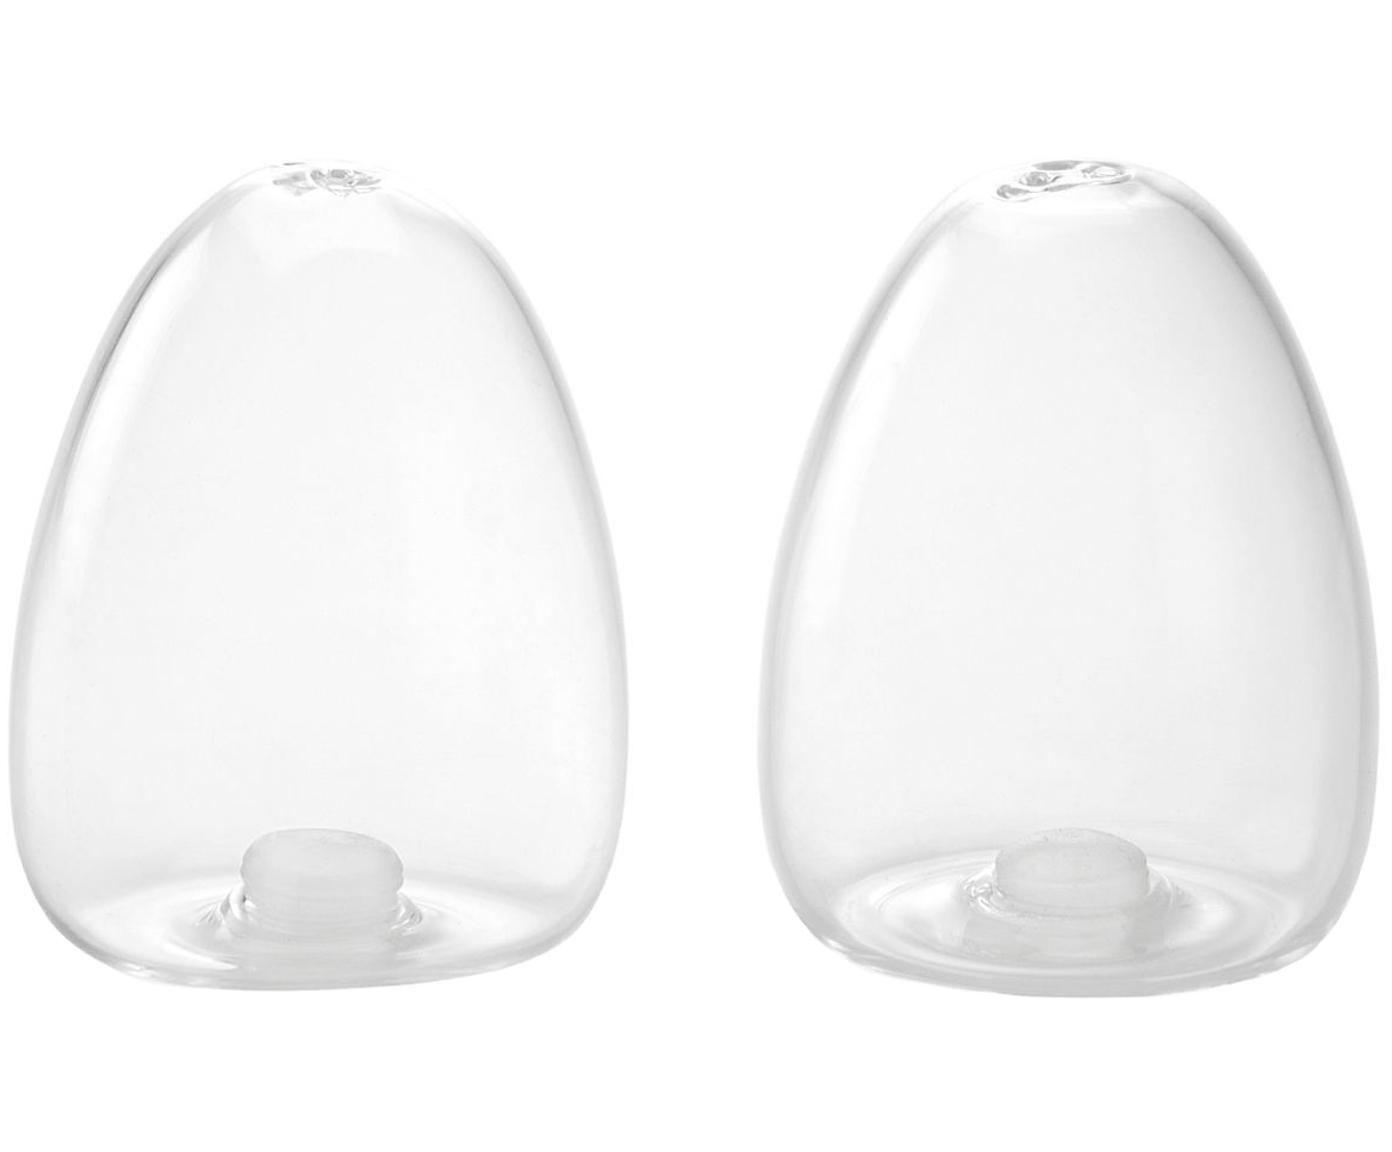 Transparente Salz- und Pfefferstreuer Shally, 2er-Set, Verschluss: Kunststoff, Transparent, Ø 6 x H 8 cm